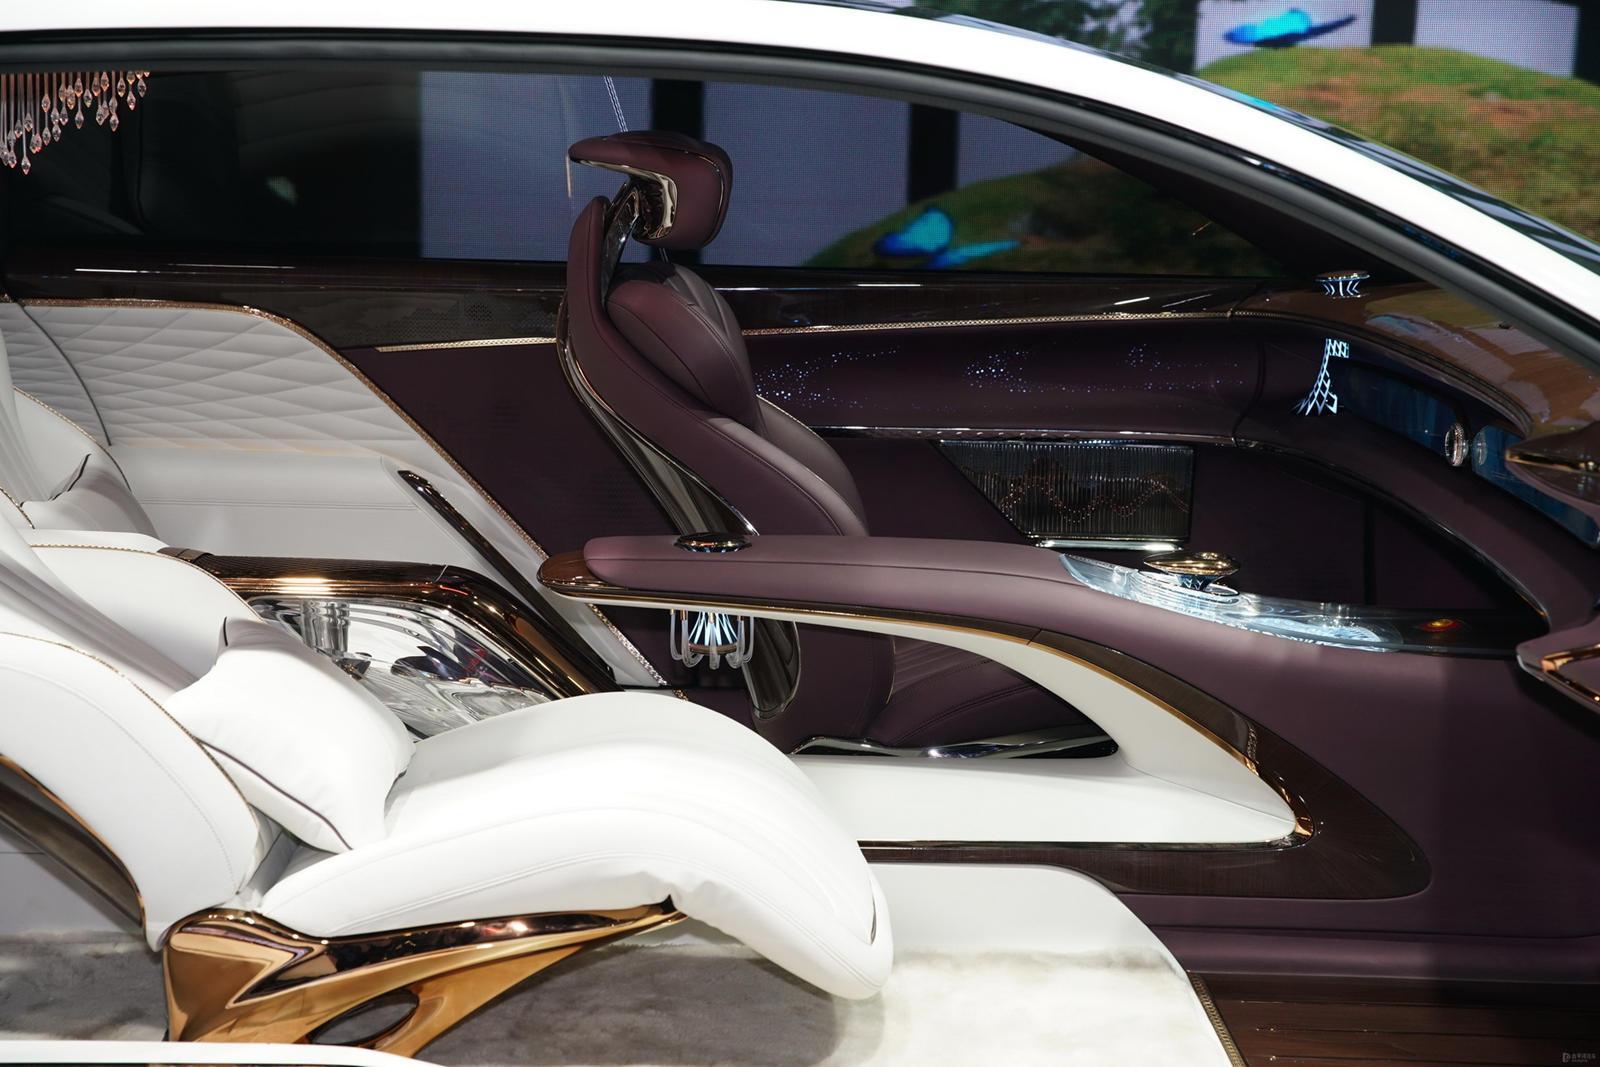 Еще одна выдающаяся модель - Hongqi L-Concept. Если вы никогда не слышали о Hongqi, то это старейший производитель автомобилей в Китае, основанный в 1958 году. Это та же компания, которая создала китайскую имитацию Rolls-Royce Cullinan и гибридный ги